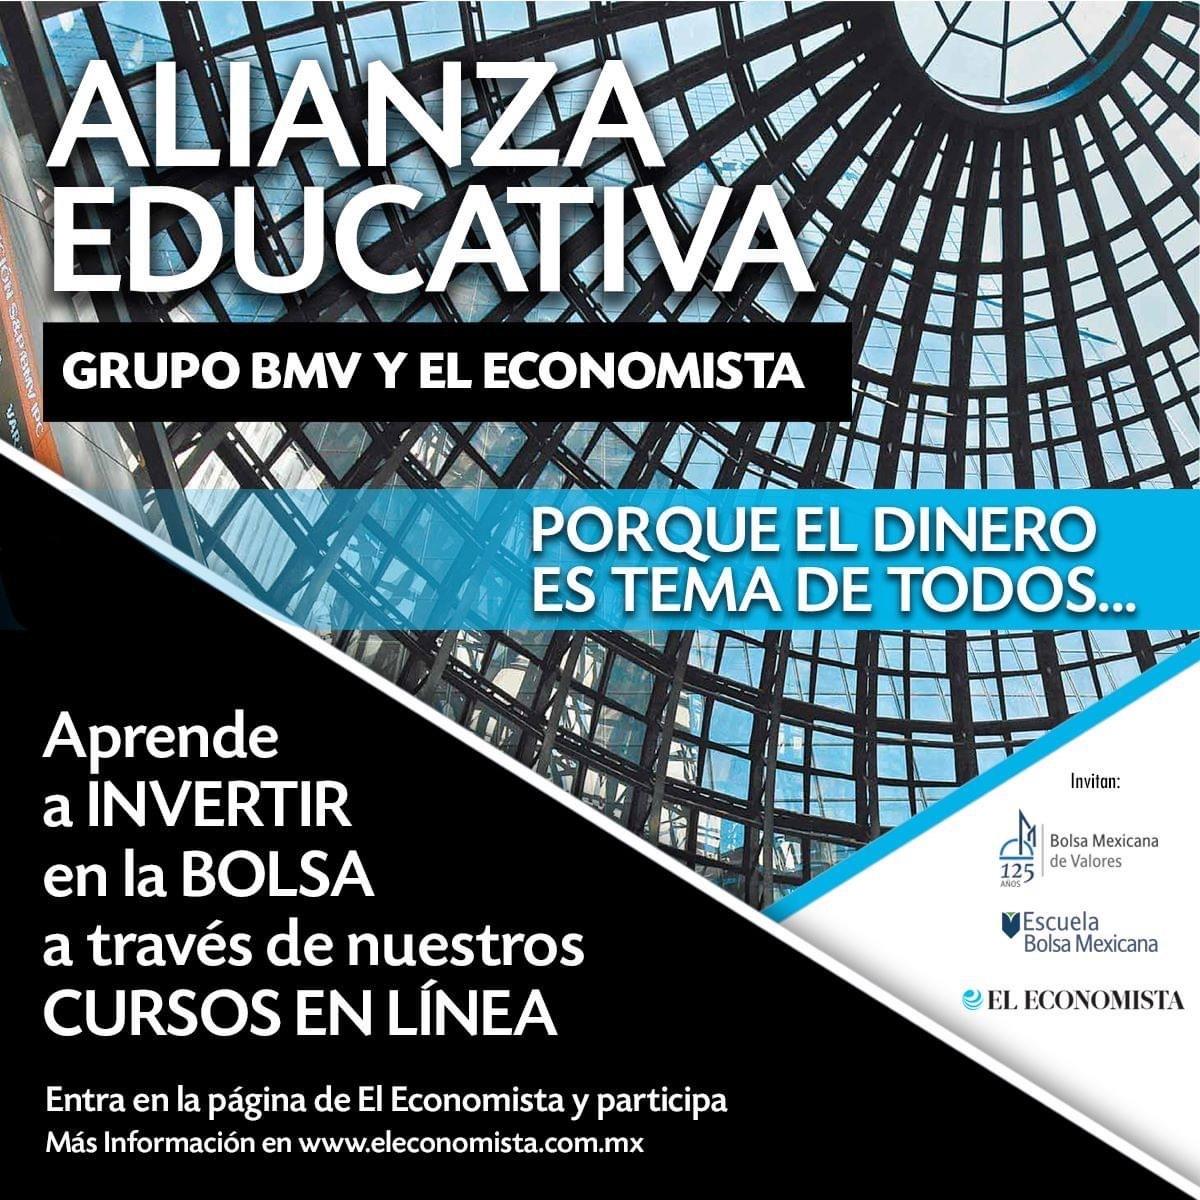 El economista y BMV: Curso gratis, Aprende a invertir en la bolsa